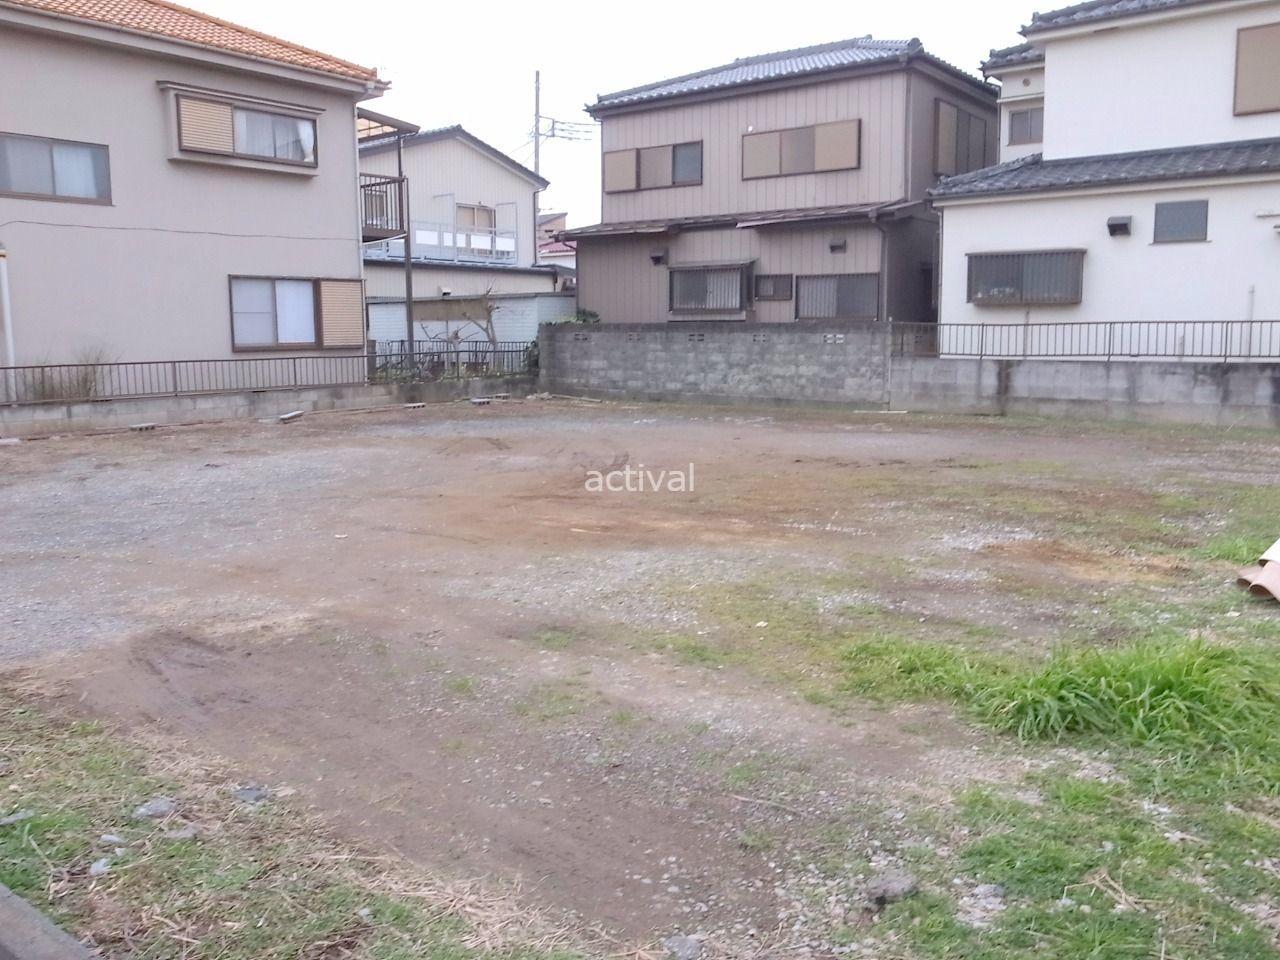 弥栄町第2駐車場|アクティバル